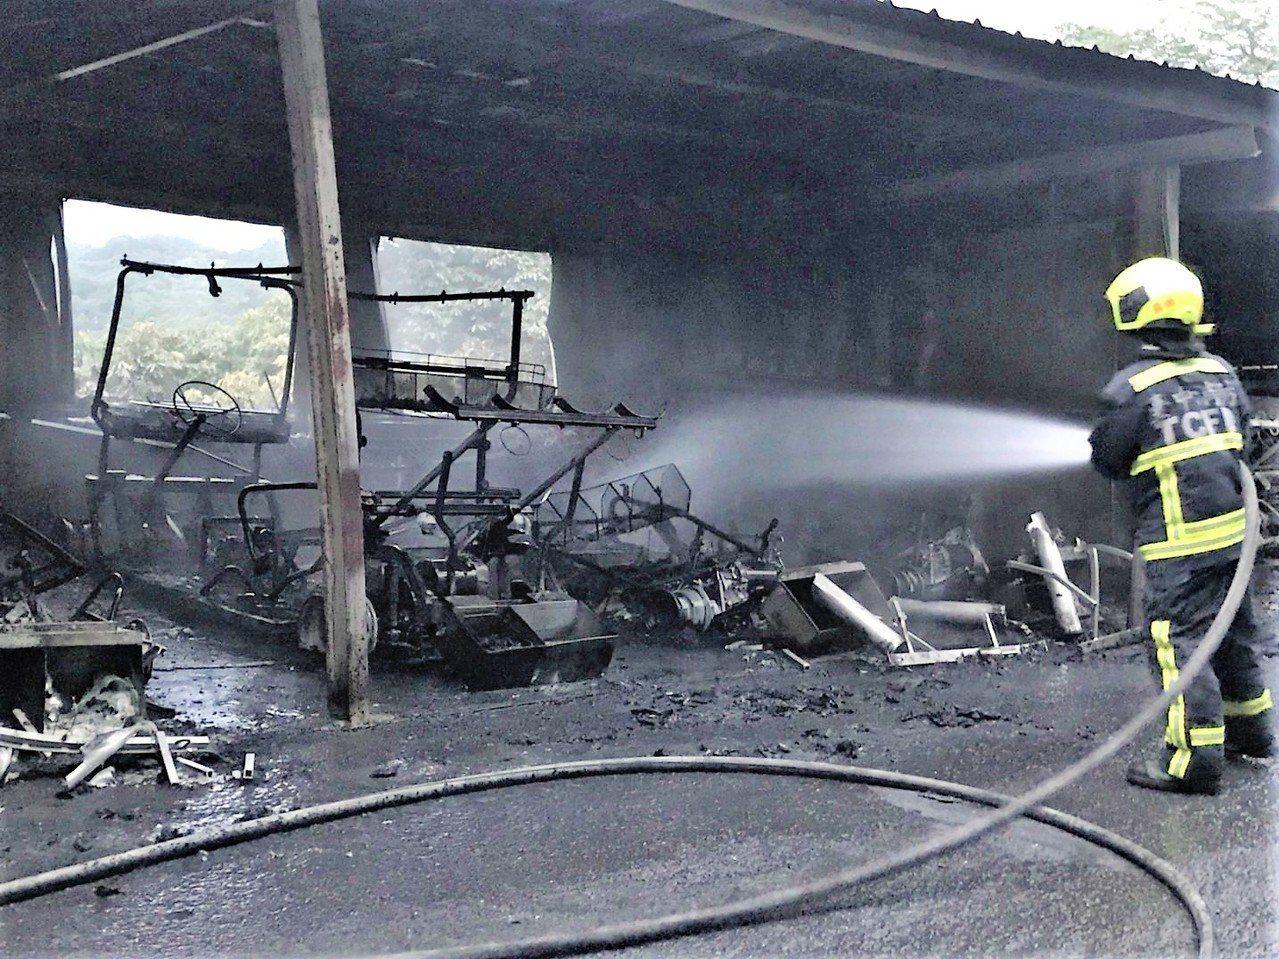 台中市霧峰高爾夫球場的高爾夫球車停車棚凌晨4時突然起火,消防局據報趕往搶救,所幸...